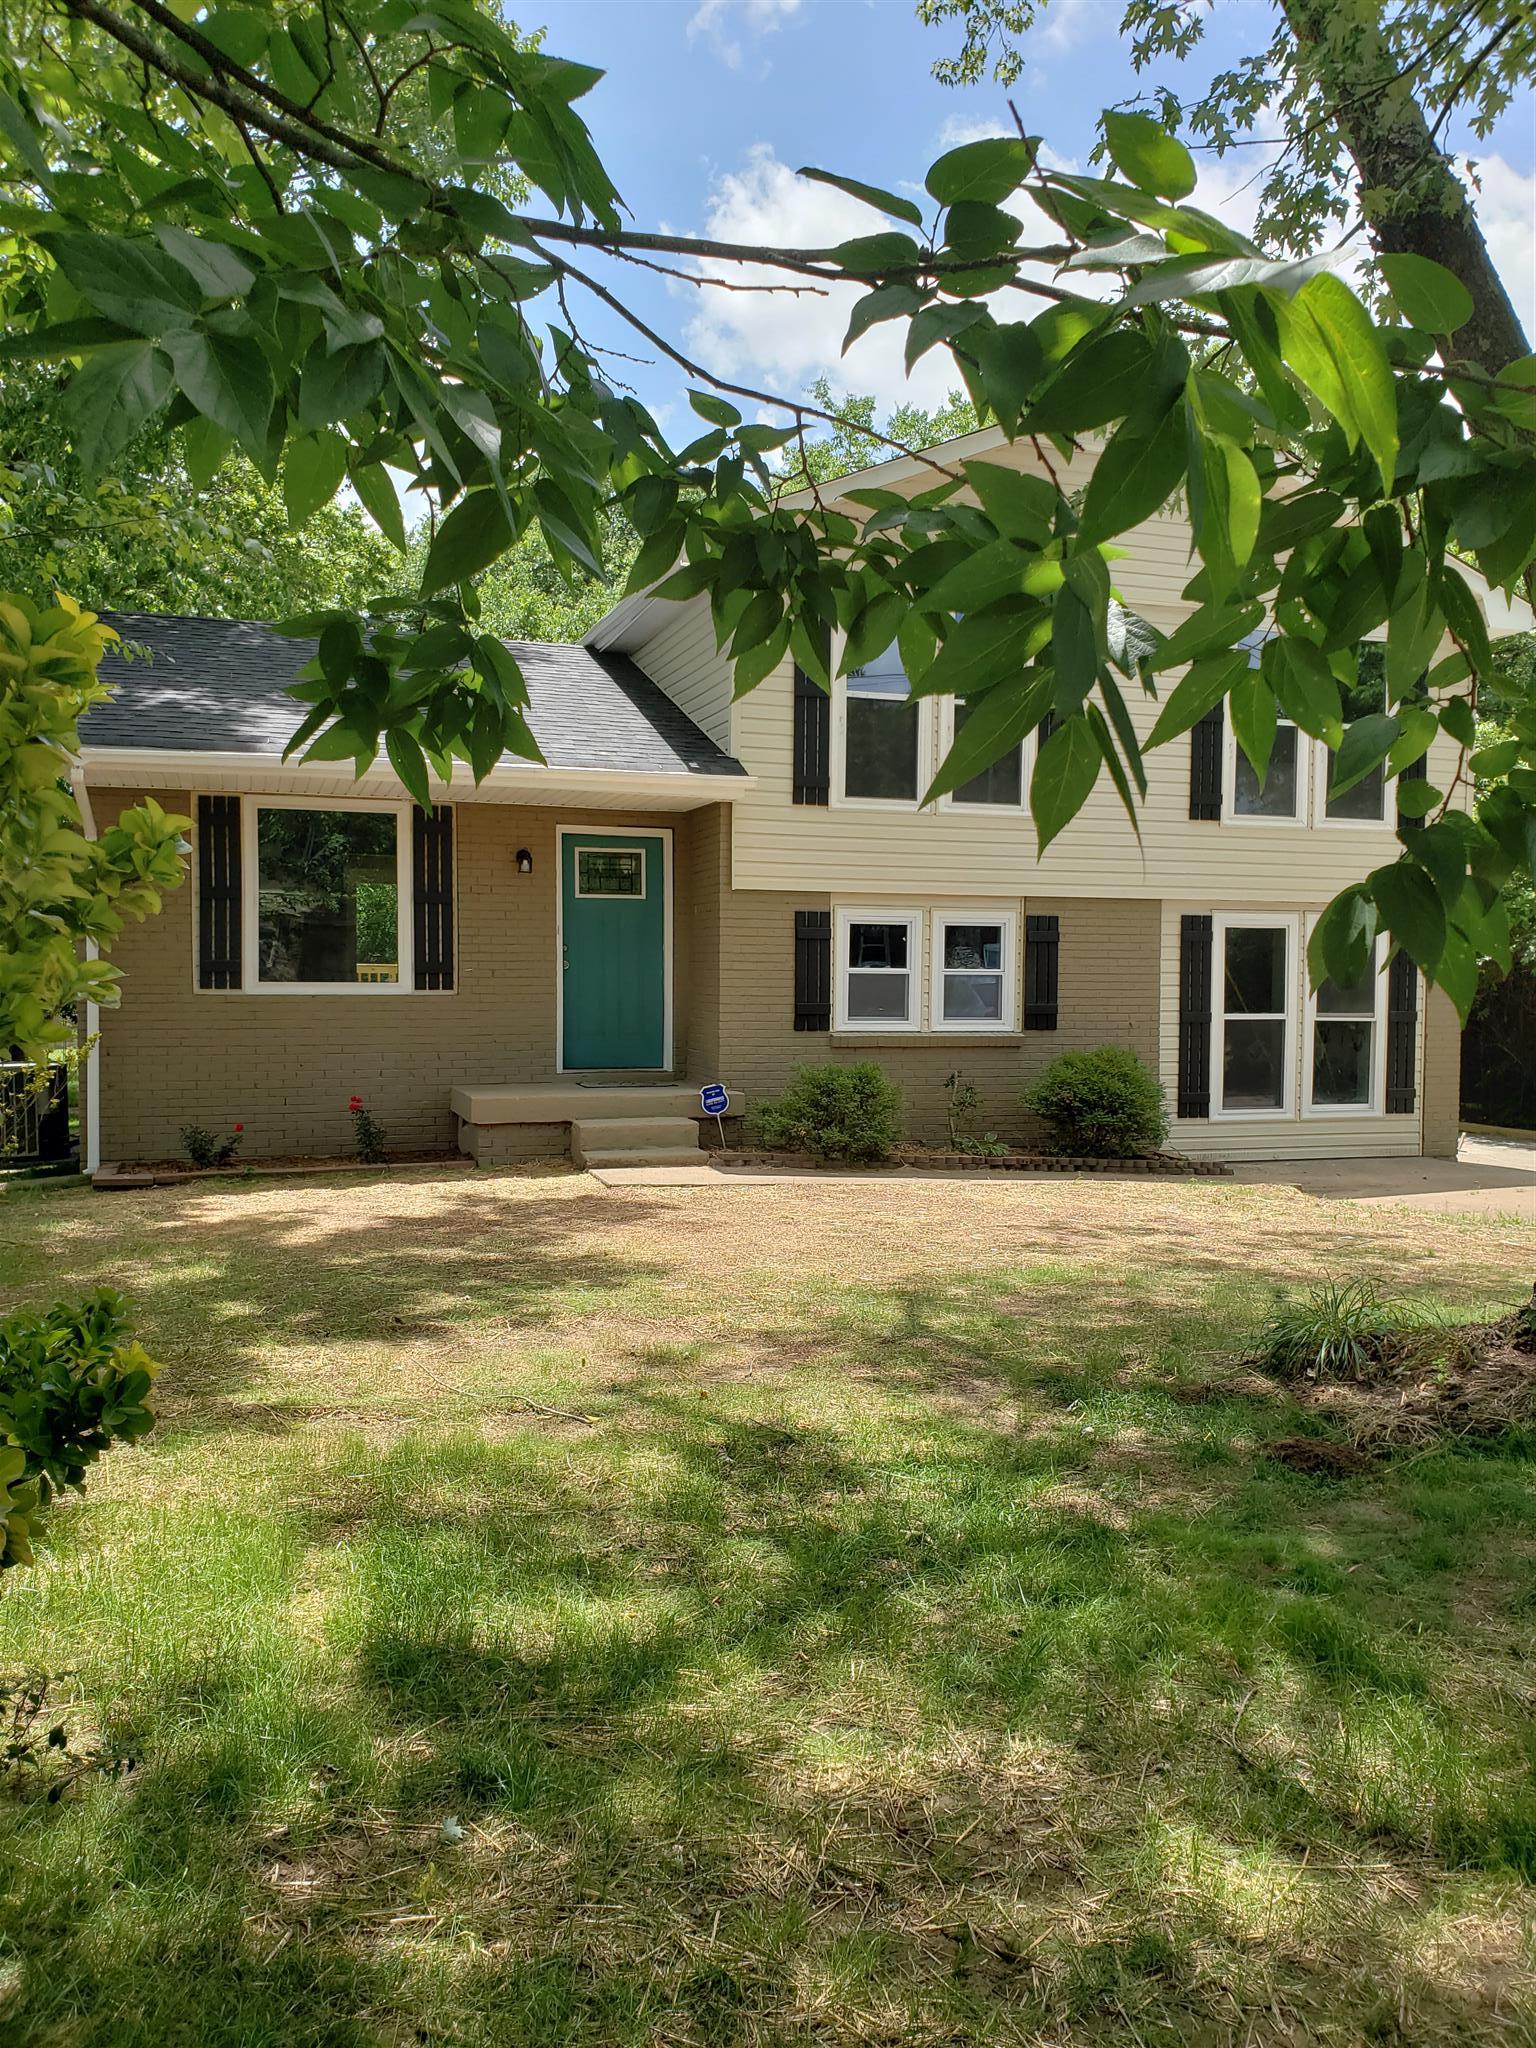 3109 Greggwood Dr, Nashville, TN 37207 - Nashville, TN real estate listing